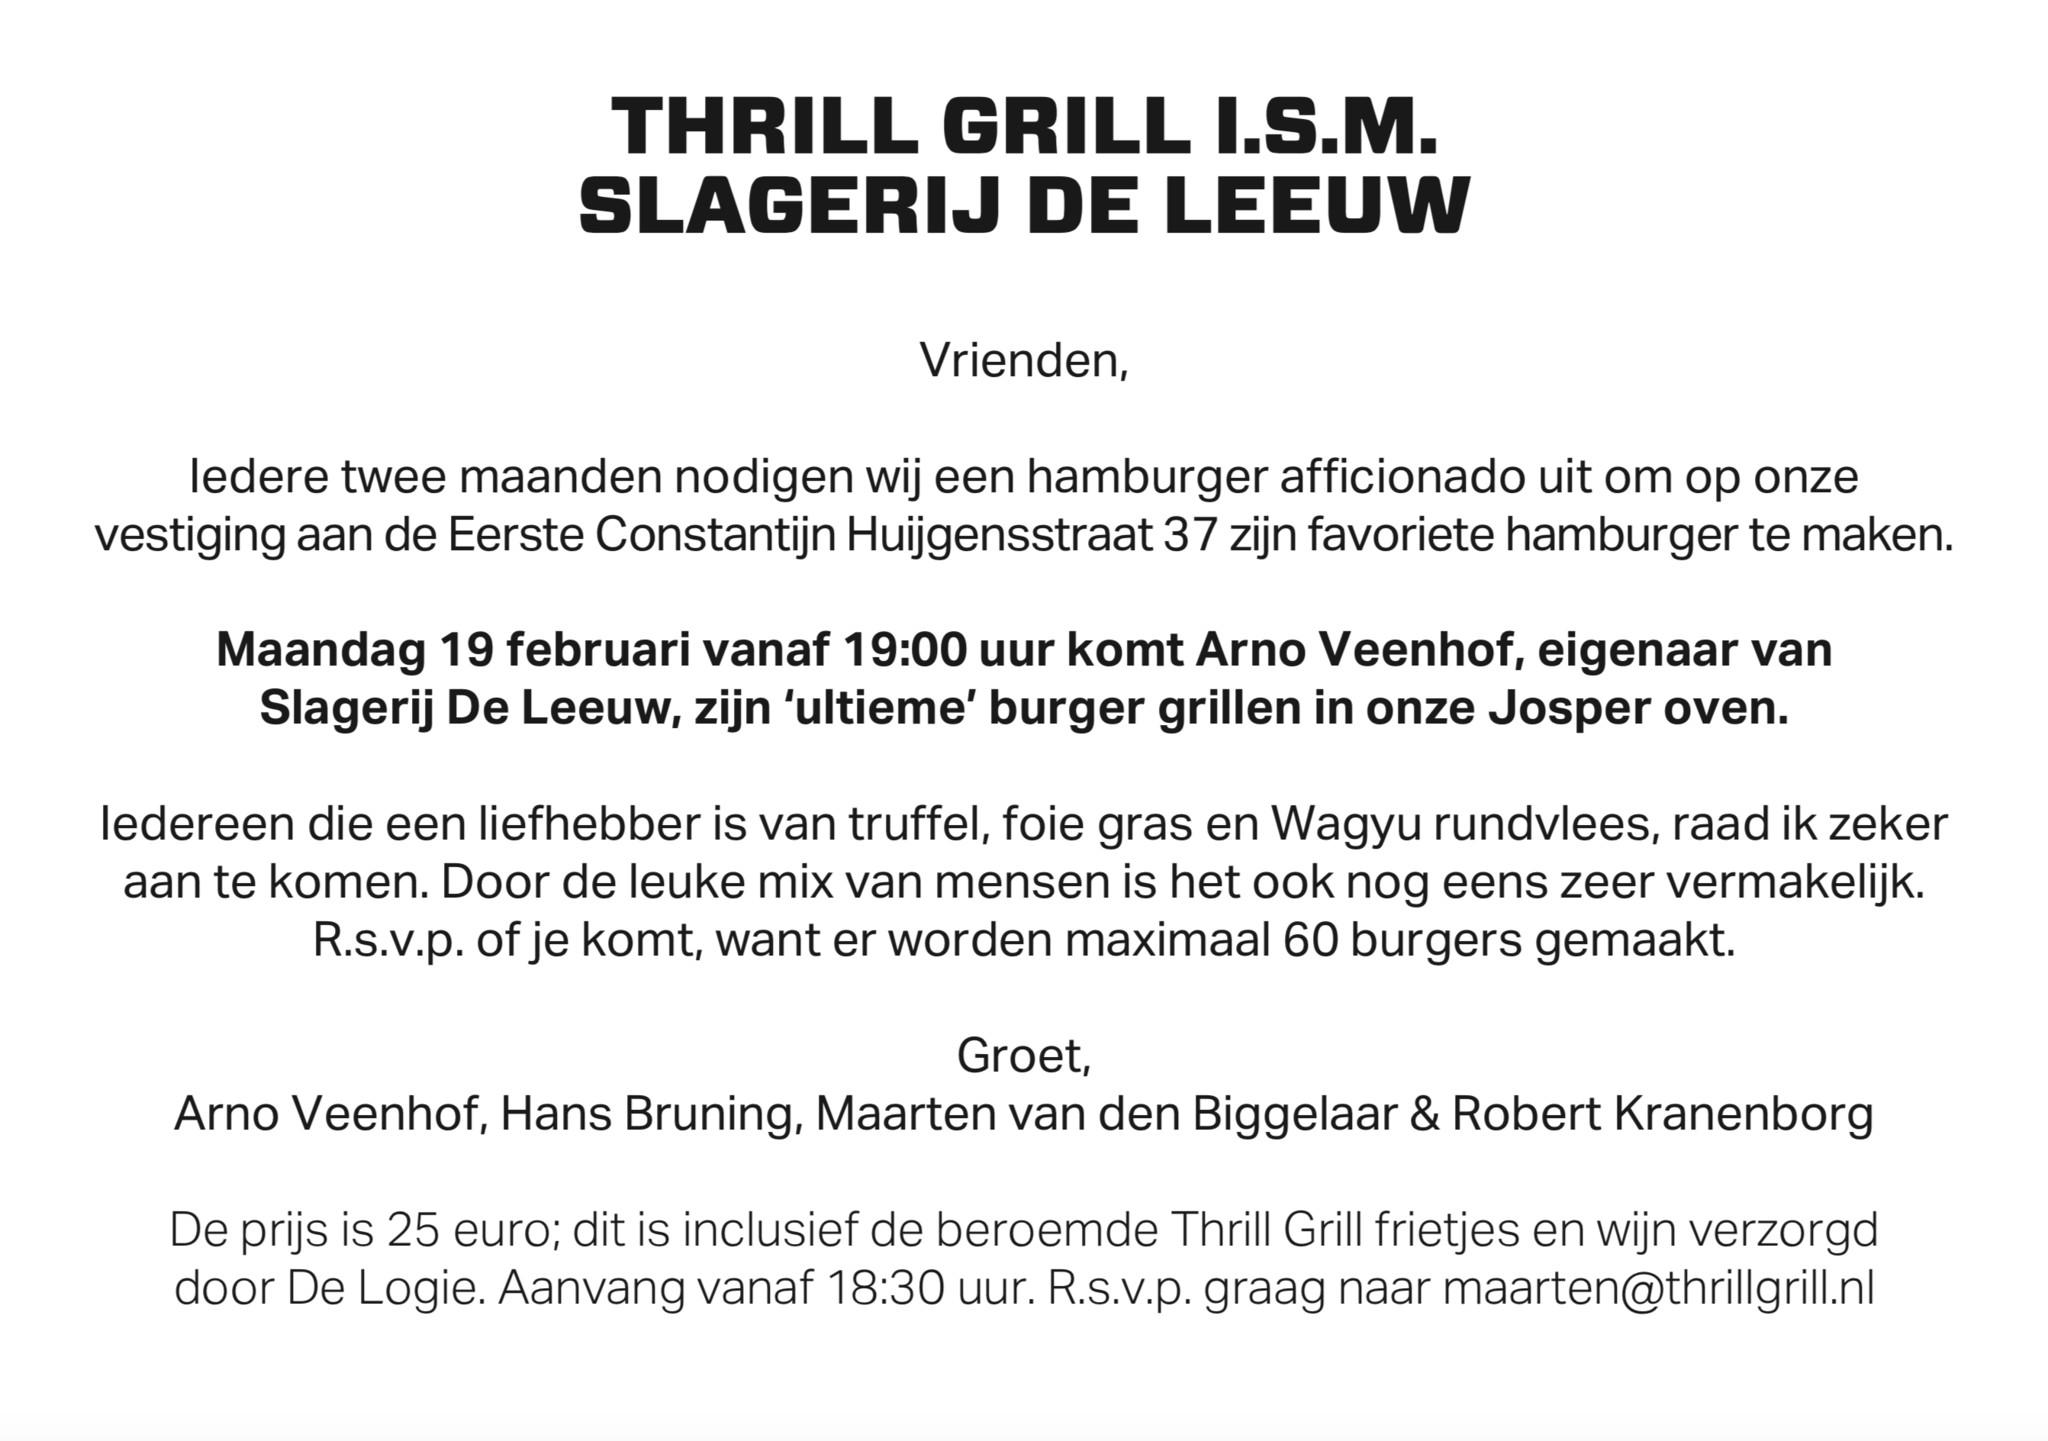 Burger Night Thrill Grill & Slagerij De Leeuw